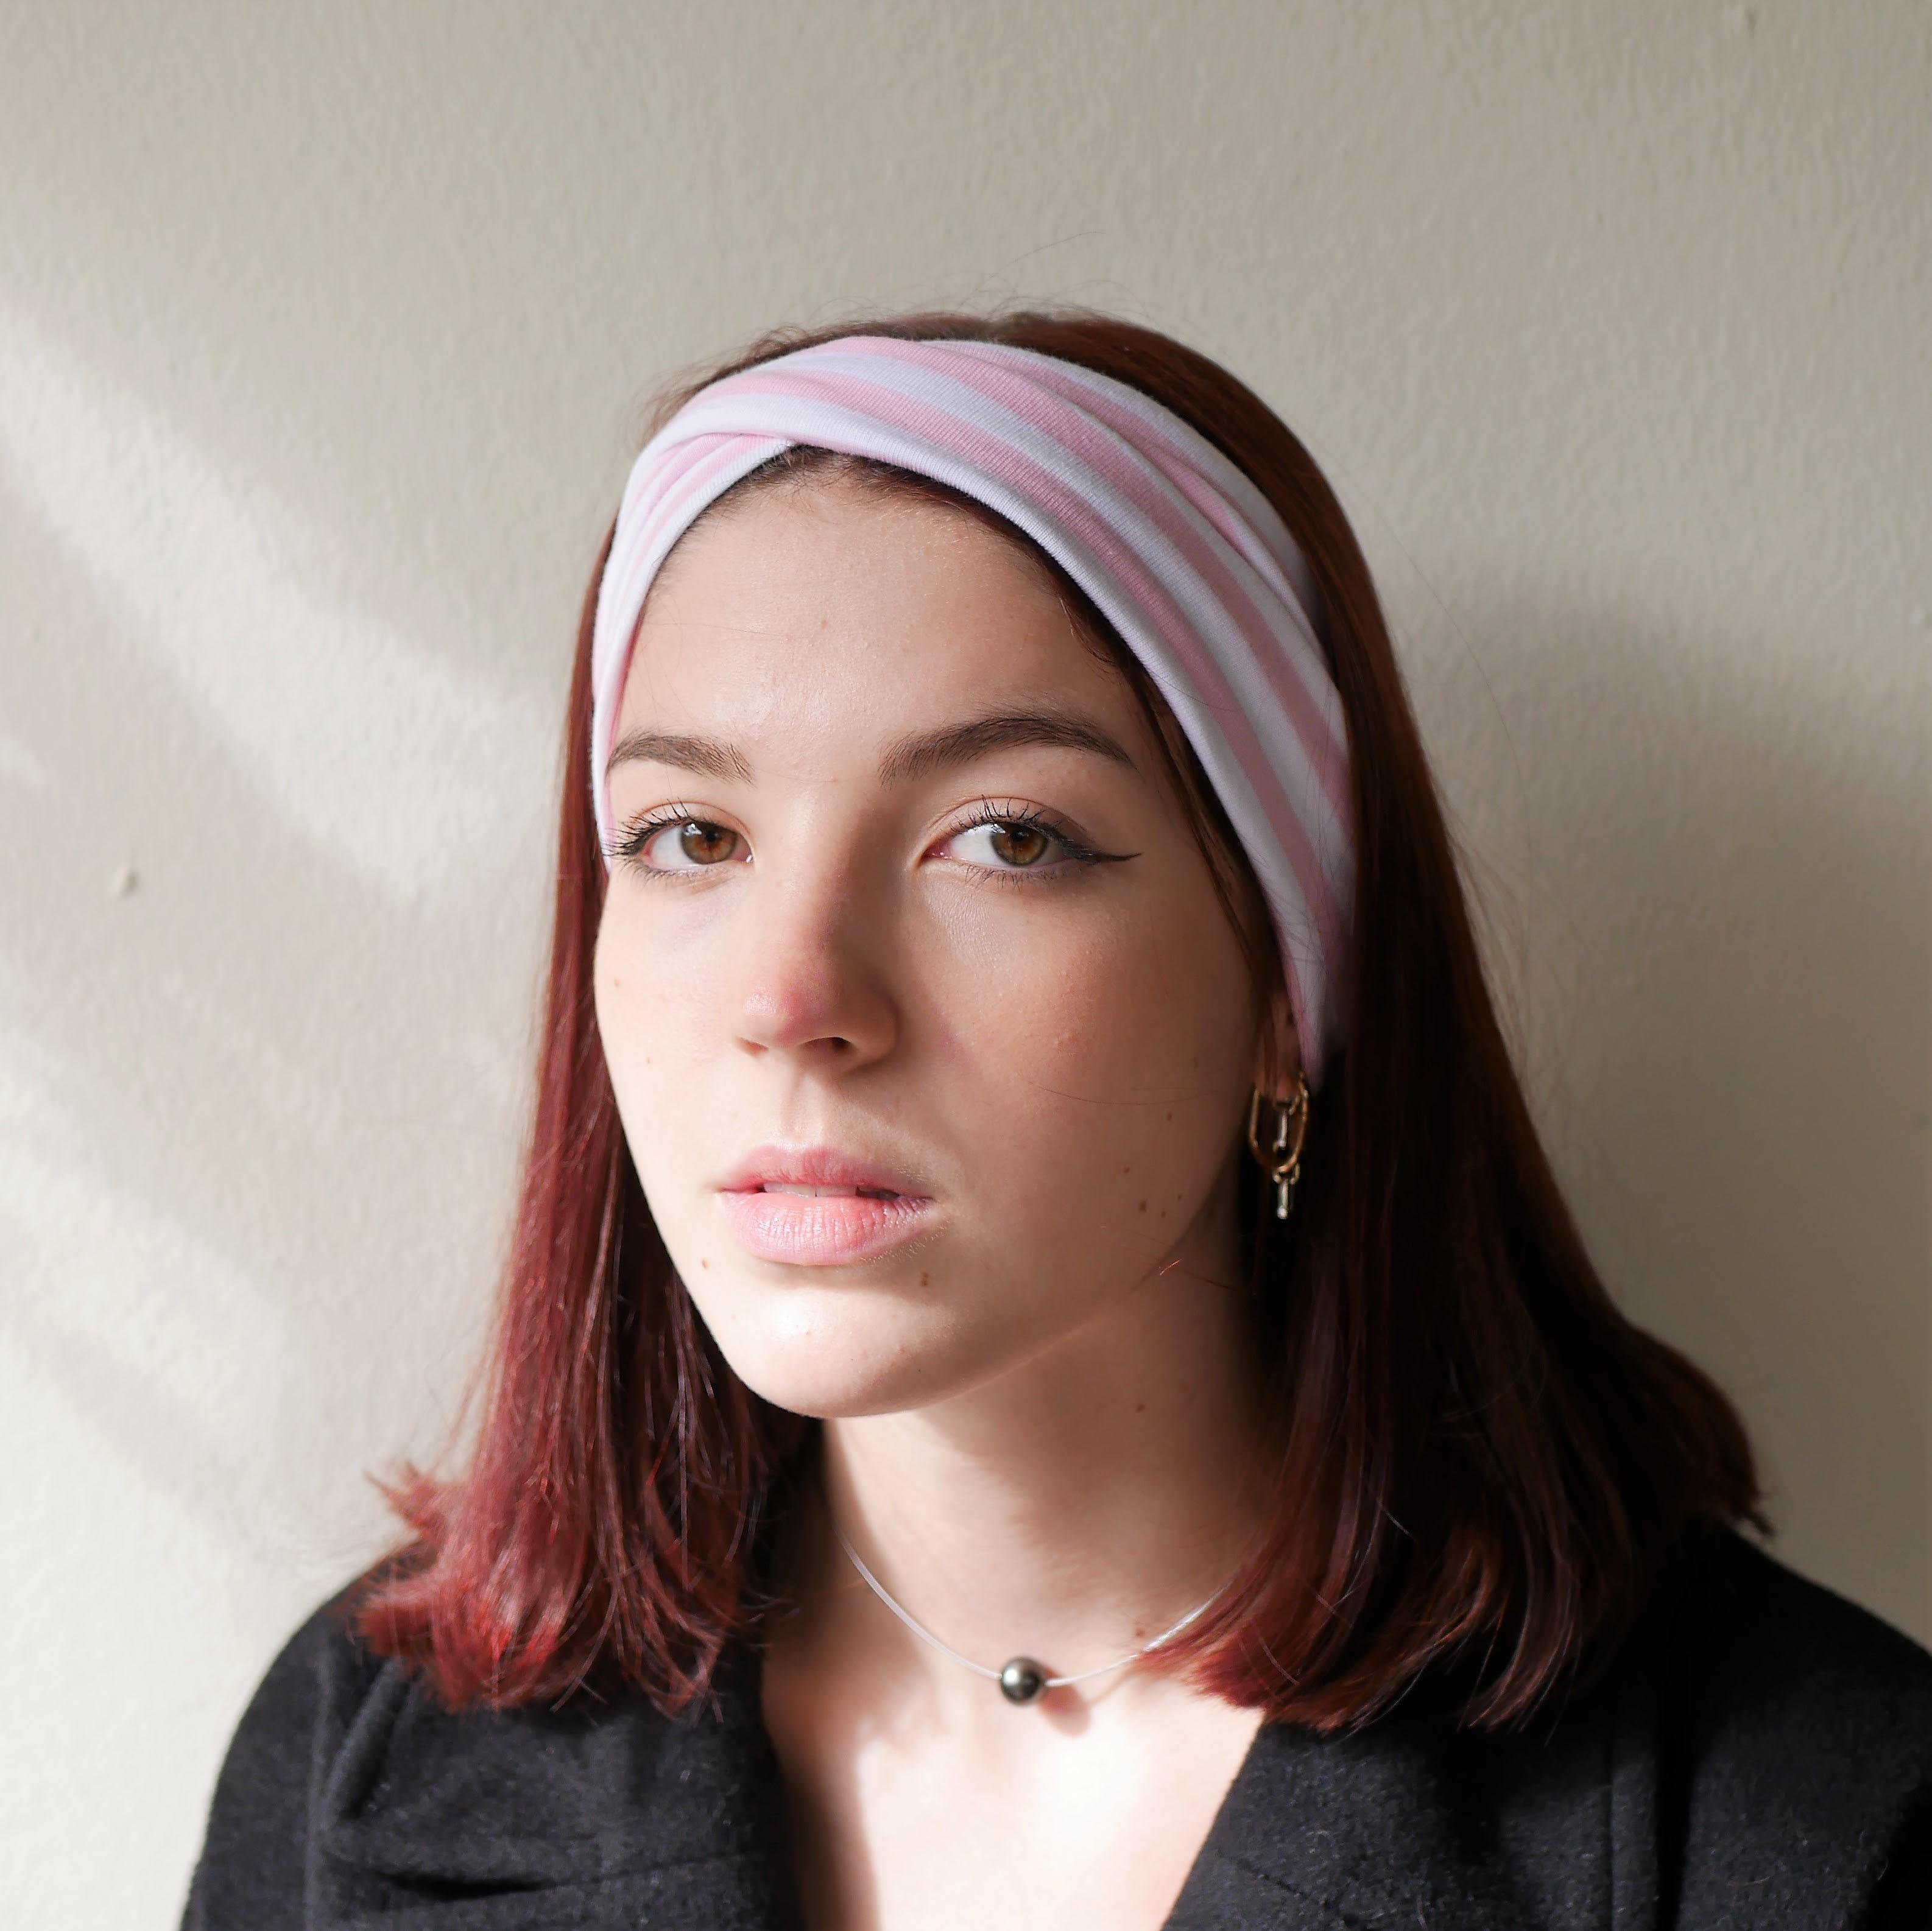 Bandeau croisé à rayures rose et blanc, bandeau droit très large, bandeau turban, bandeau style années 50, bandeau Lolita